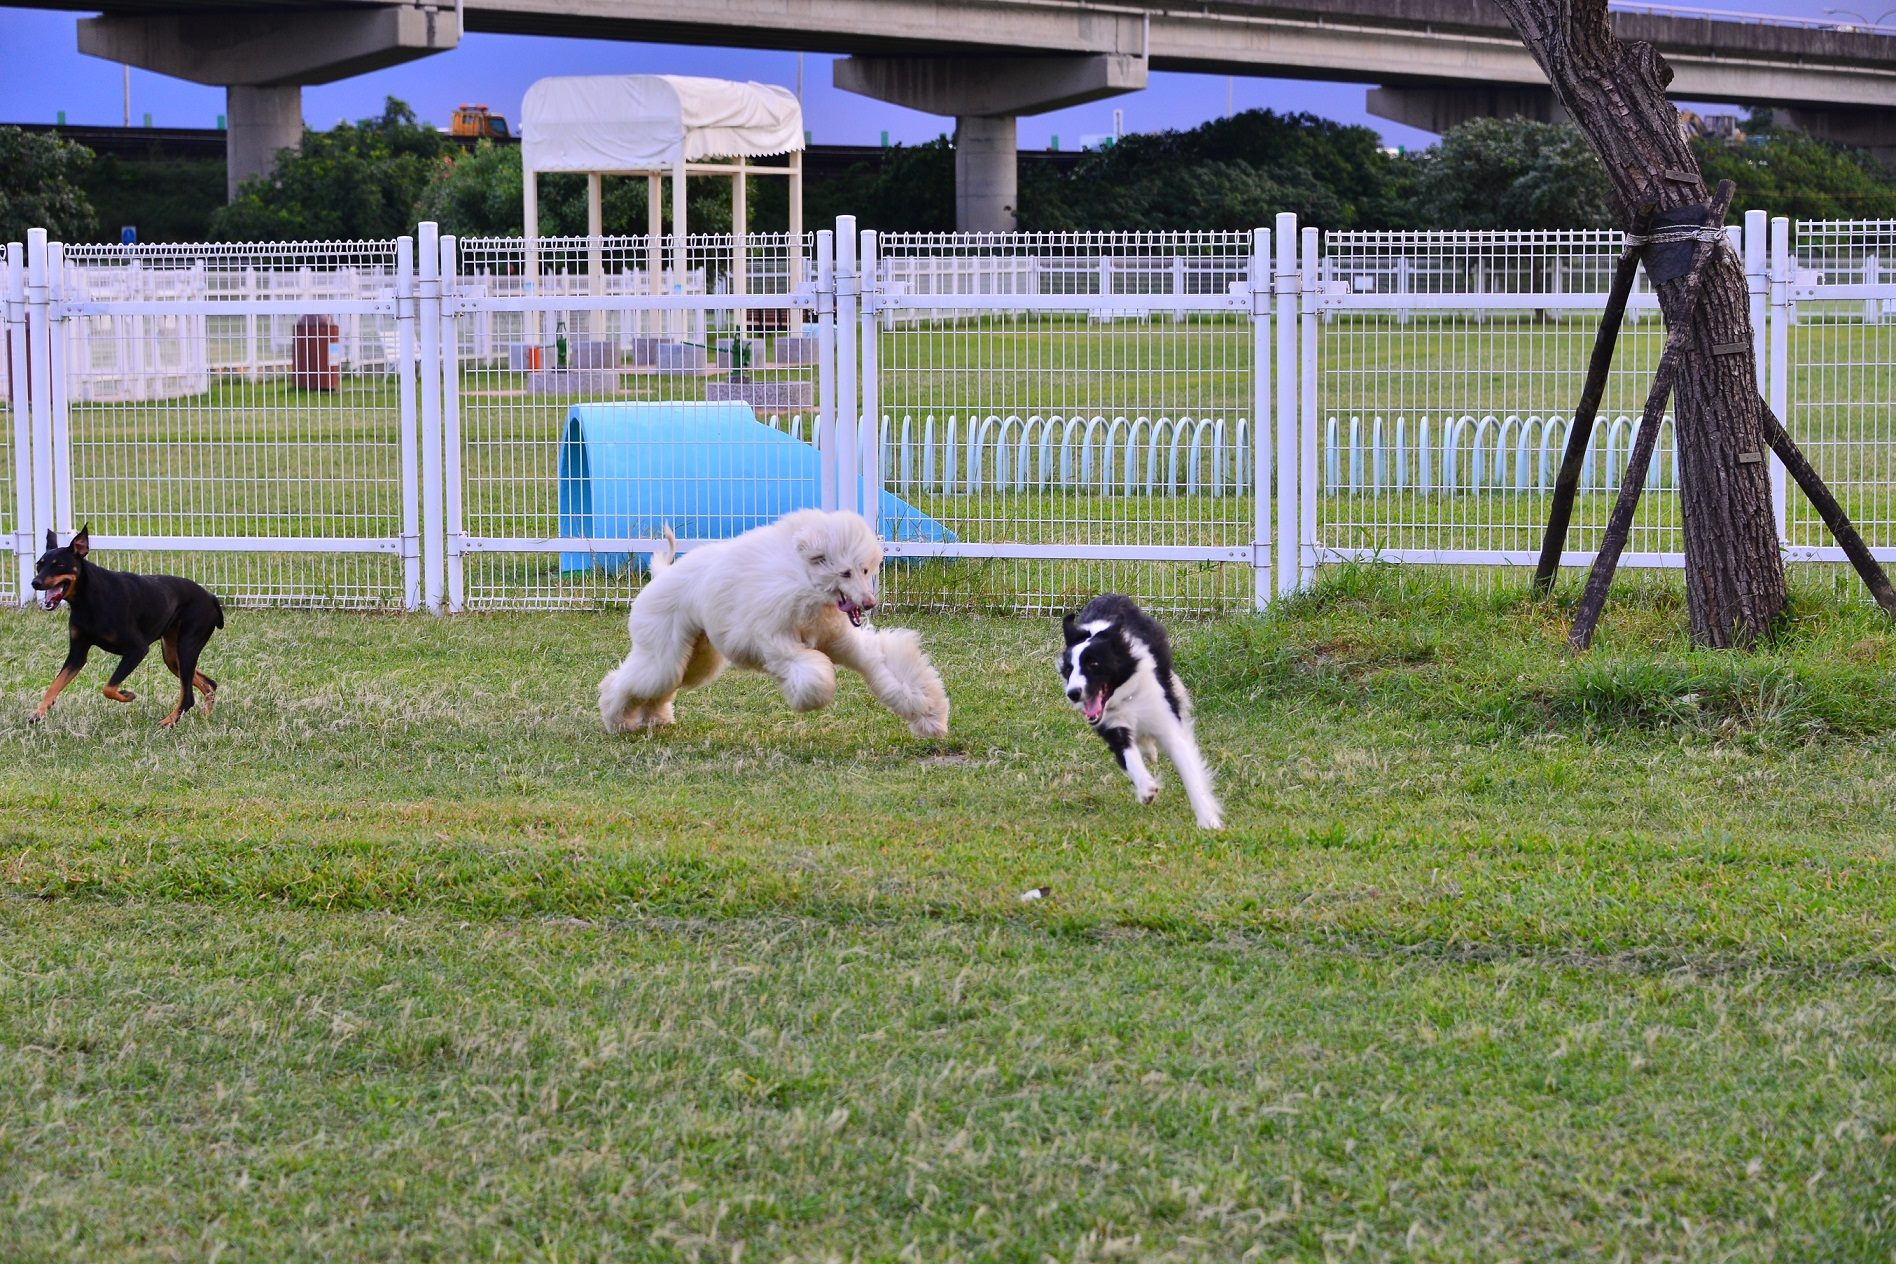 圖1.臺北市迎風狗運動公園具有廣闊草地讓犬隻盡情奔跑